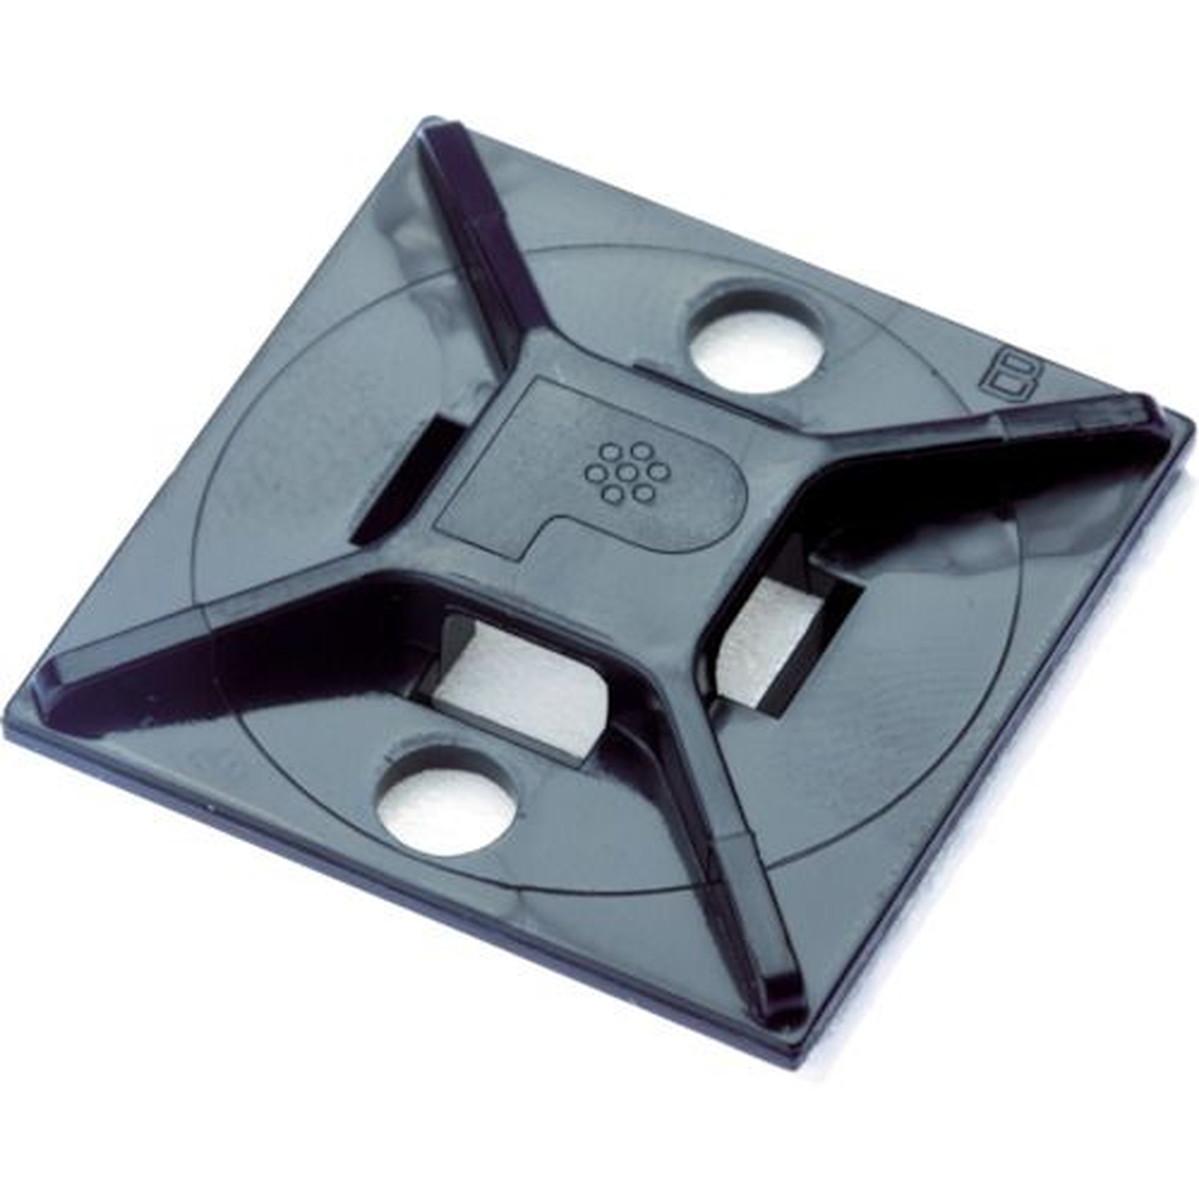 <title>あす楽対応 DIY用品 パンドウイット マウントベース 高級 アクリル系粘着テープ付き 耐候性黒 500個入 1袋</title>